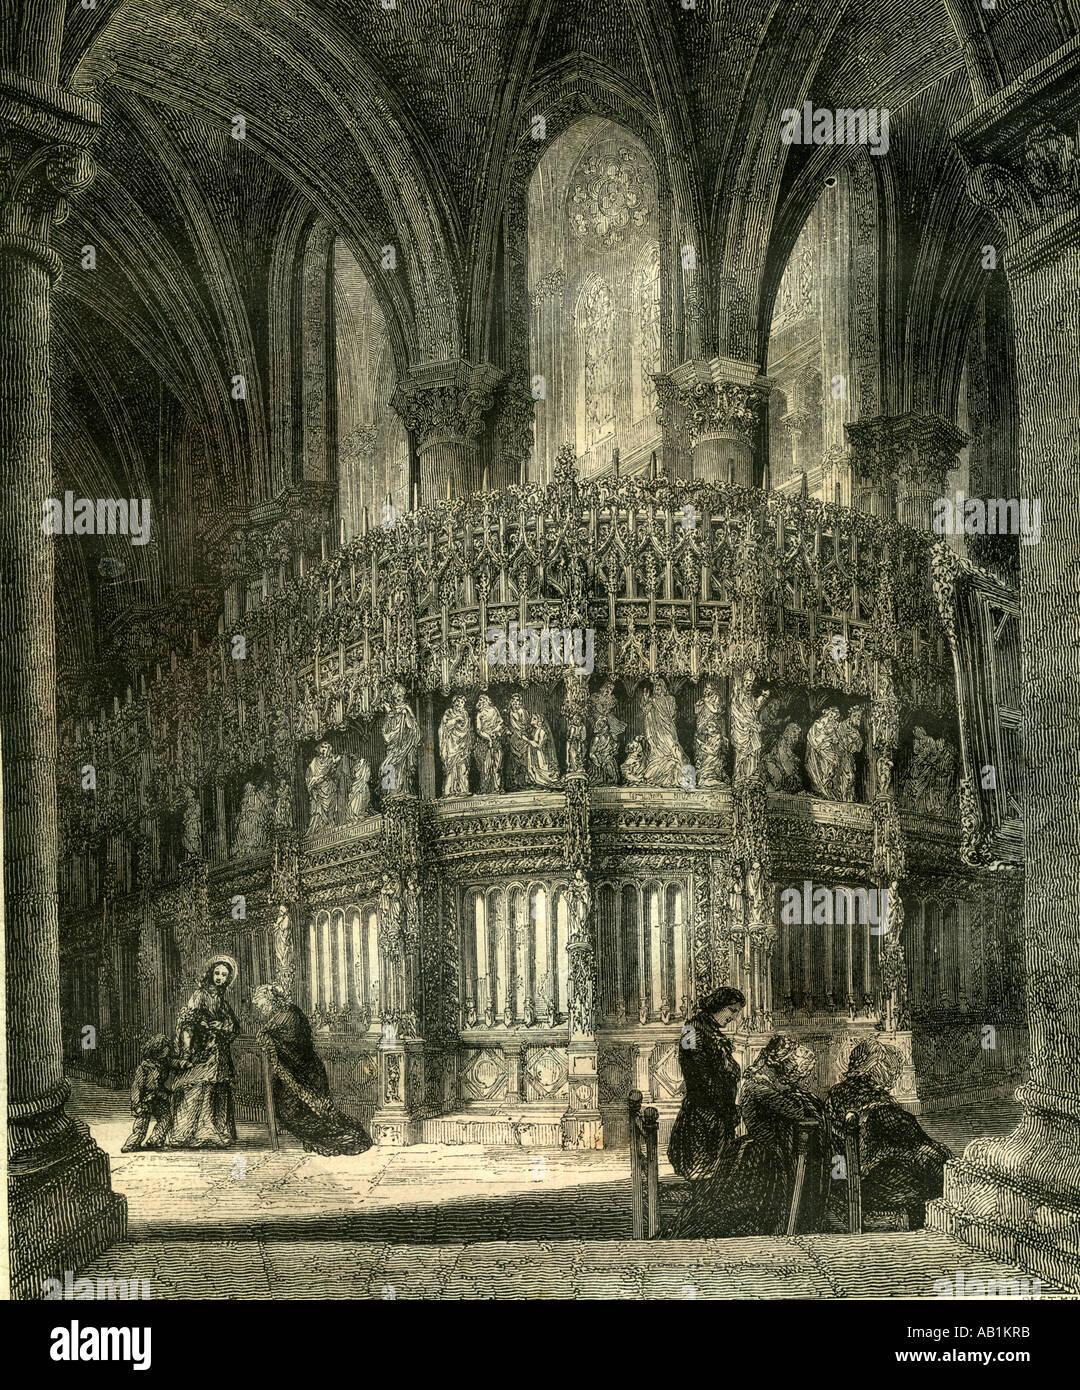 La cathédrale de Chartres Cathedrale France Photo Stock